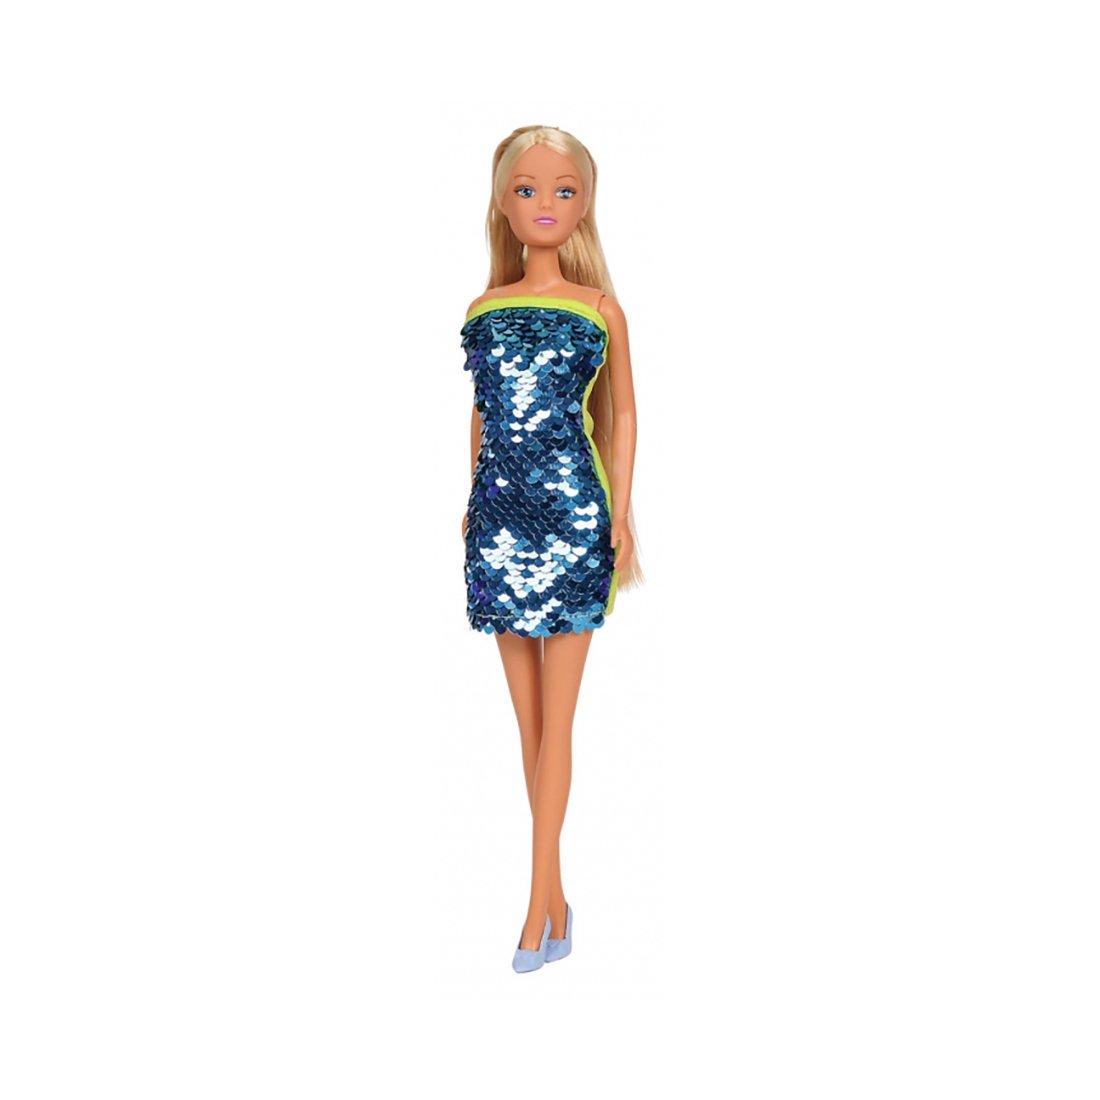 Papusa Steffi Love in rochie cu paiete, Albastru